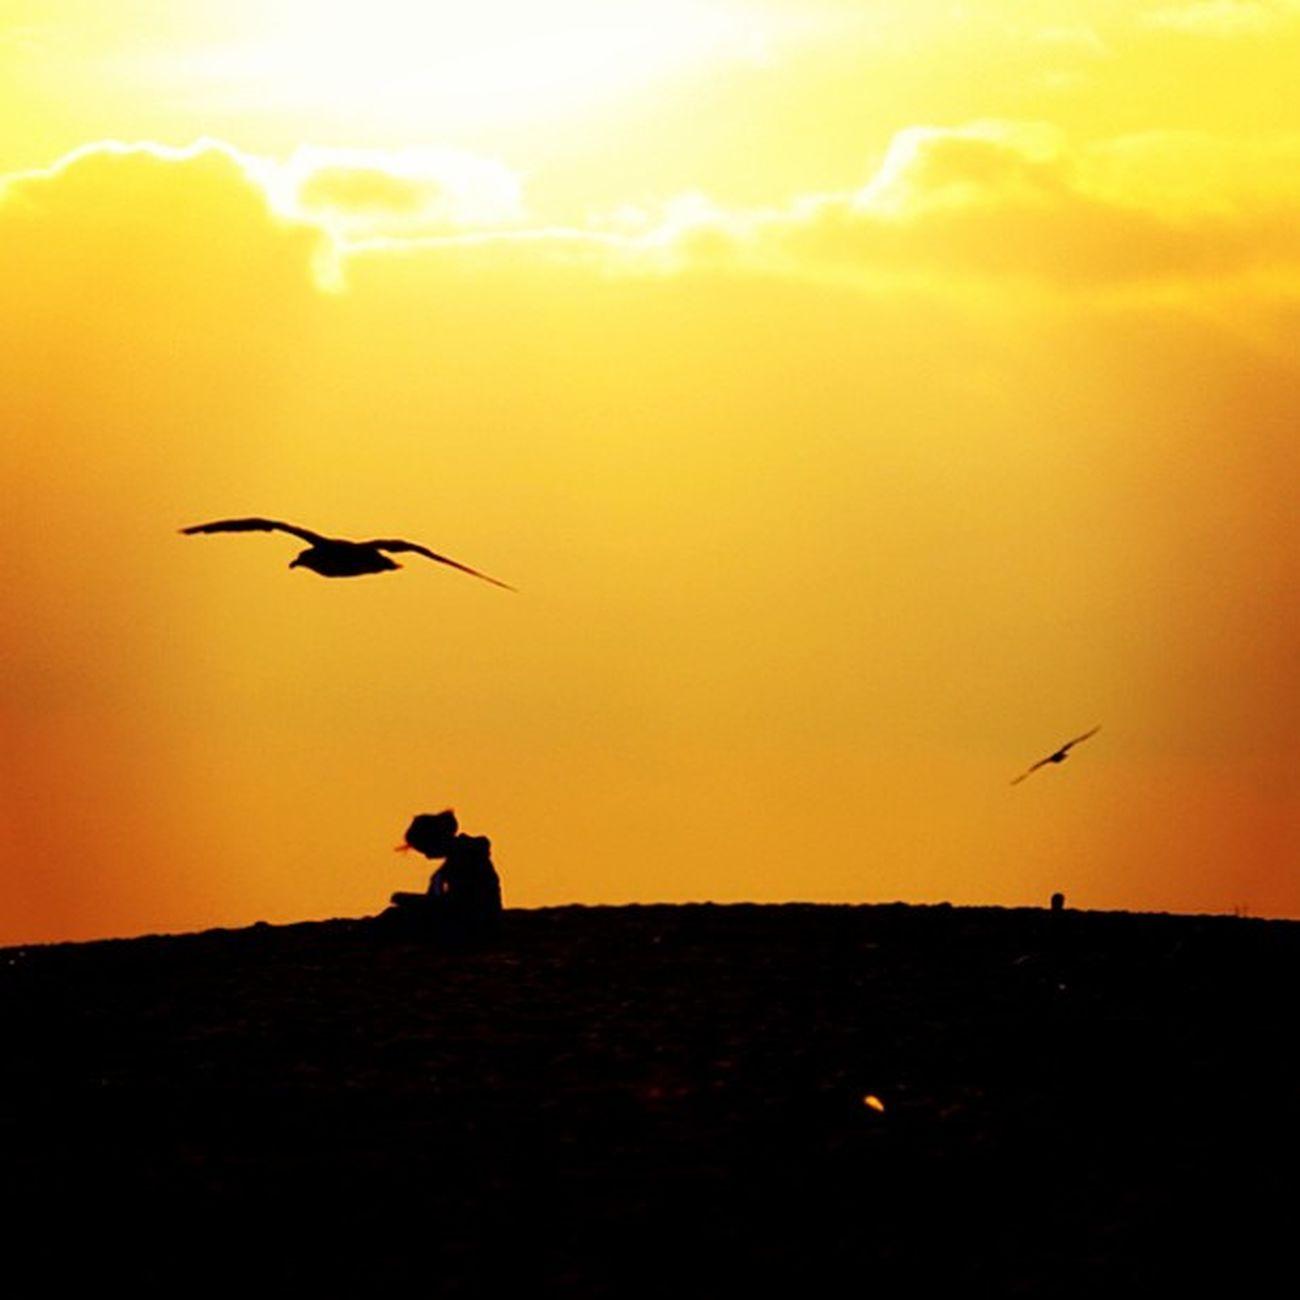 #igers #portugal #portugaligers #portugal_lovers #portugal_em_fotos #portugaloteuolhar #portugaldenorteasul #iphone5 #iphonesia #iphoneonly #instagood #instagram #instamood #figueira #figueiradafoz #buarcos #beach #jornalistasdeimagens #chiquesnourtemo #f Figueira Figueiradafoz Summer Portugaligers Beach Portugaldenorteasul Sun Buarcos Sunset Portugaloteuolhar Gaivotas Portugal Portugal_lovers Iphoneonly Portugal_em_fotos Iphonesia Jornalistasdeimagens Instagram IPhone5 Chiquesnourtemo Instamood Fotoencantada Igers Instagood